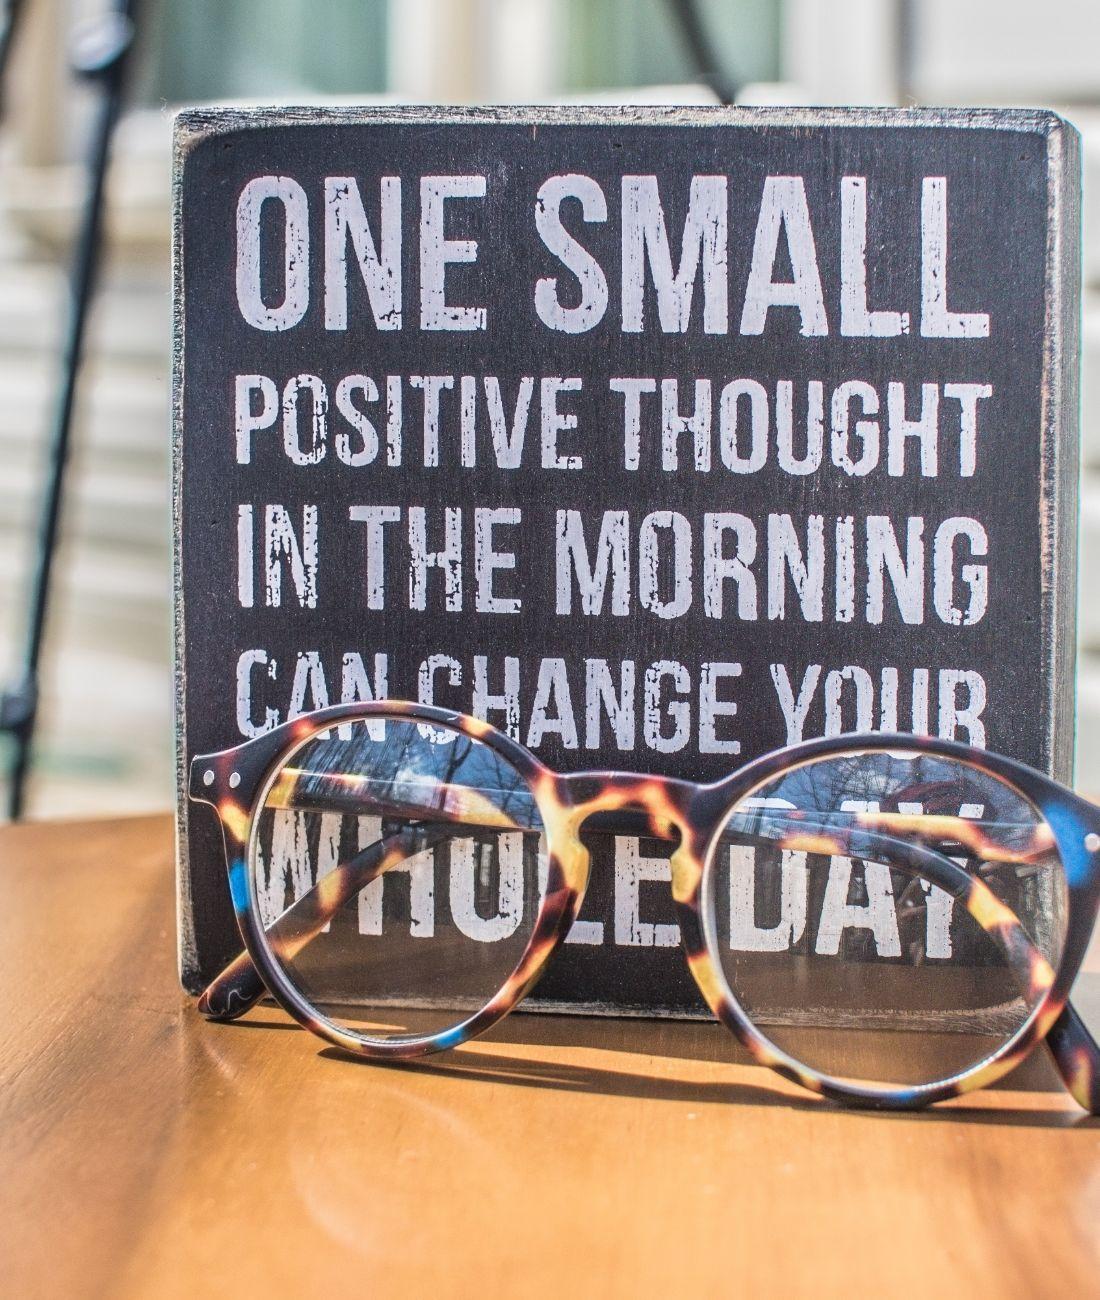 تبدیل کردن افکار منفی به مثبت